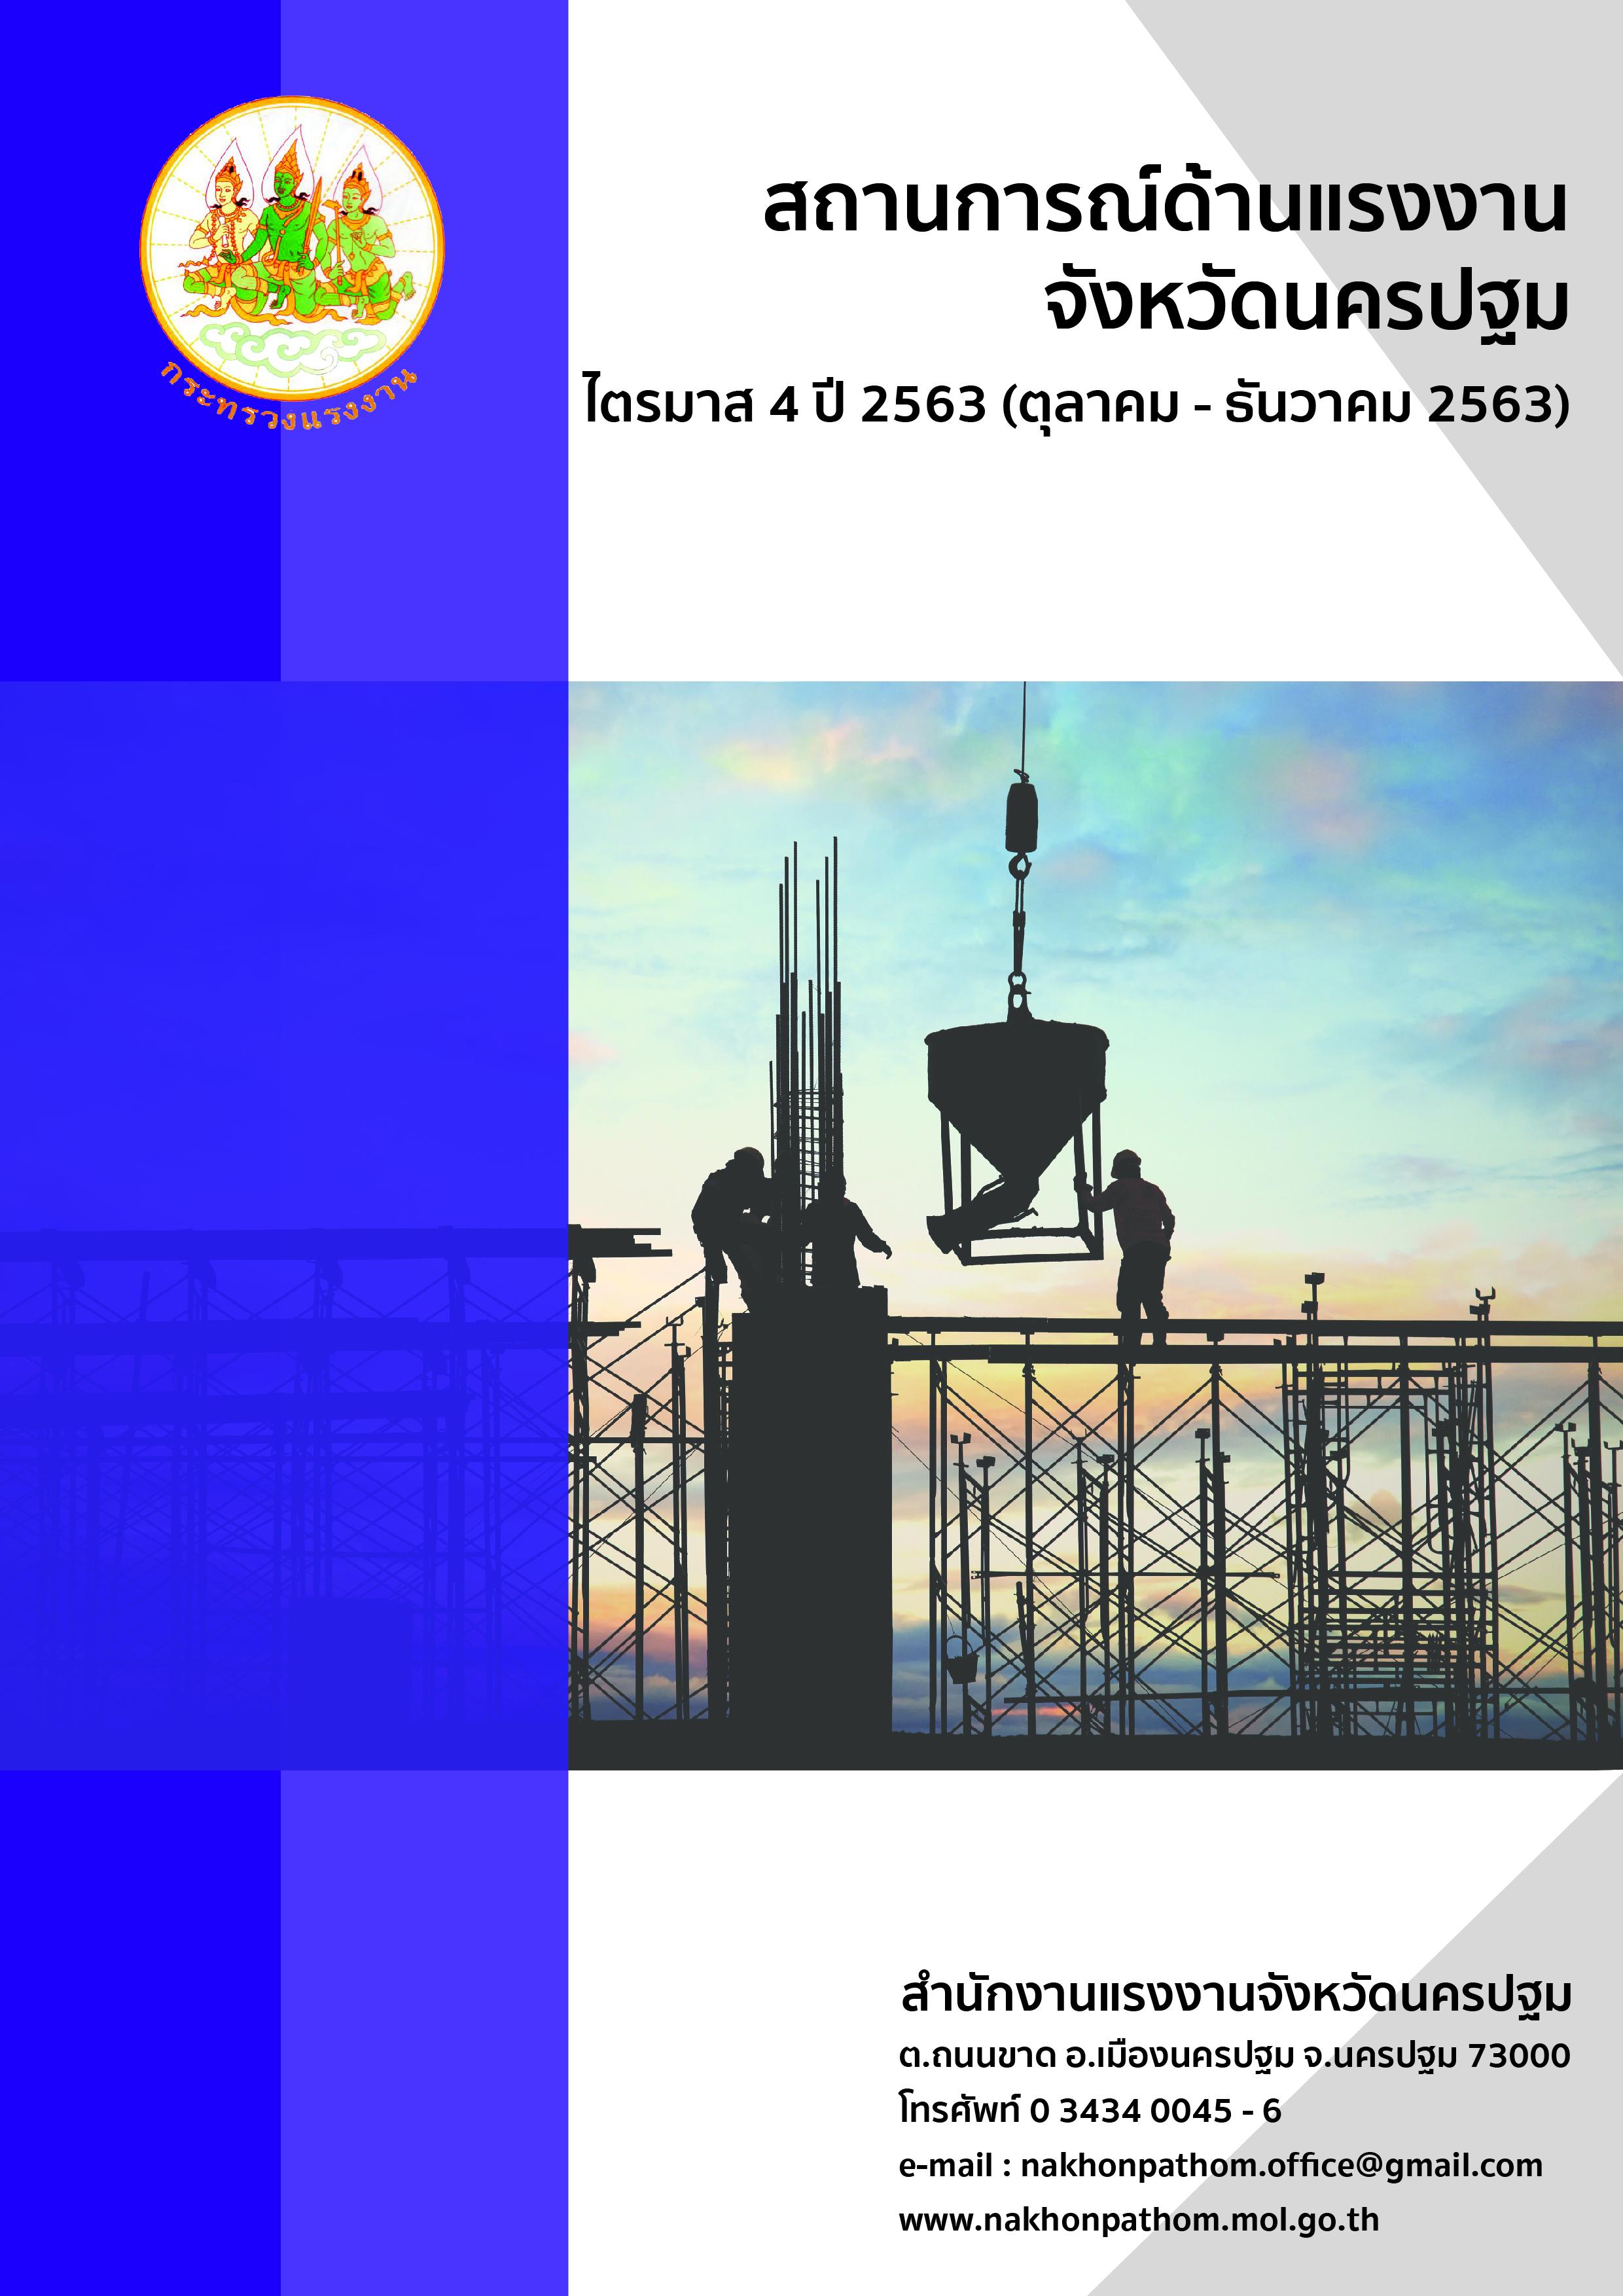 รายงานสถานการณ์แรงงานจังหวัดนครปฐม ไตรมาส 4 ปี 2563 (ตุลาคม – ธันวาคม 2563)